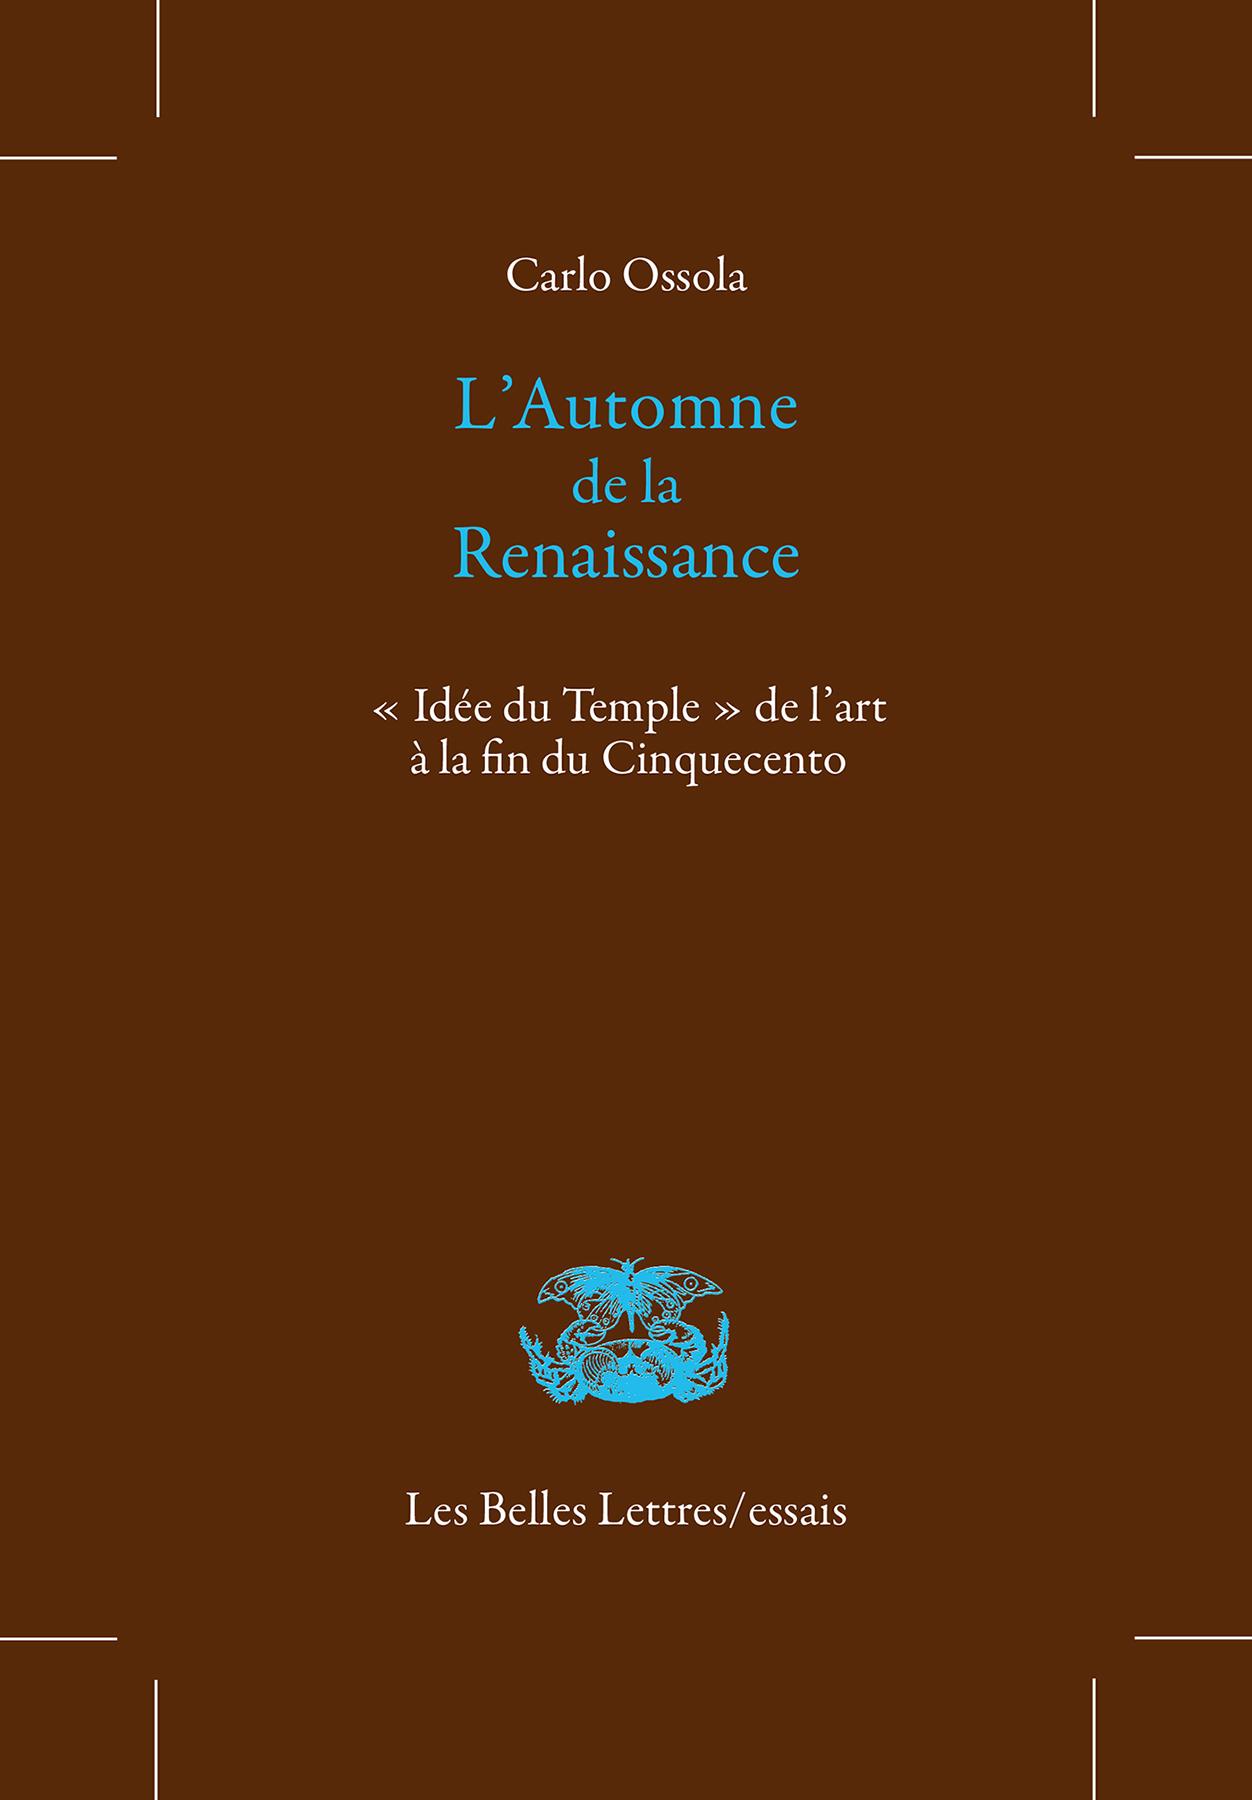 L'Automne de la Renaissance